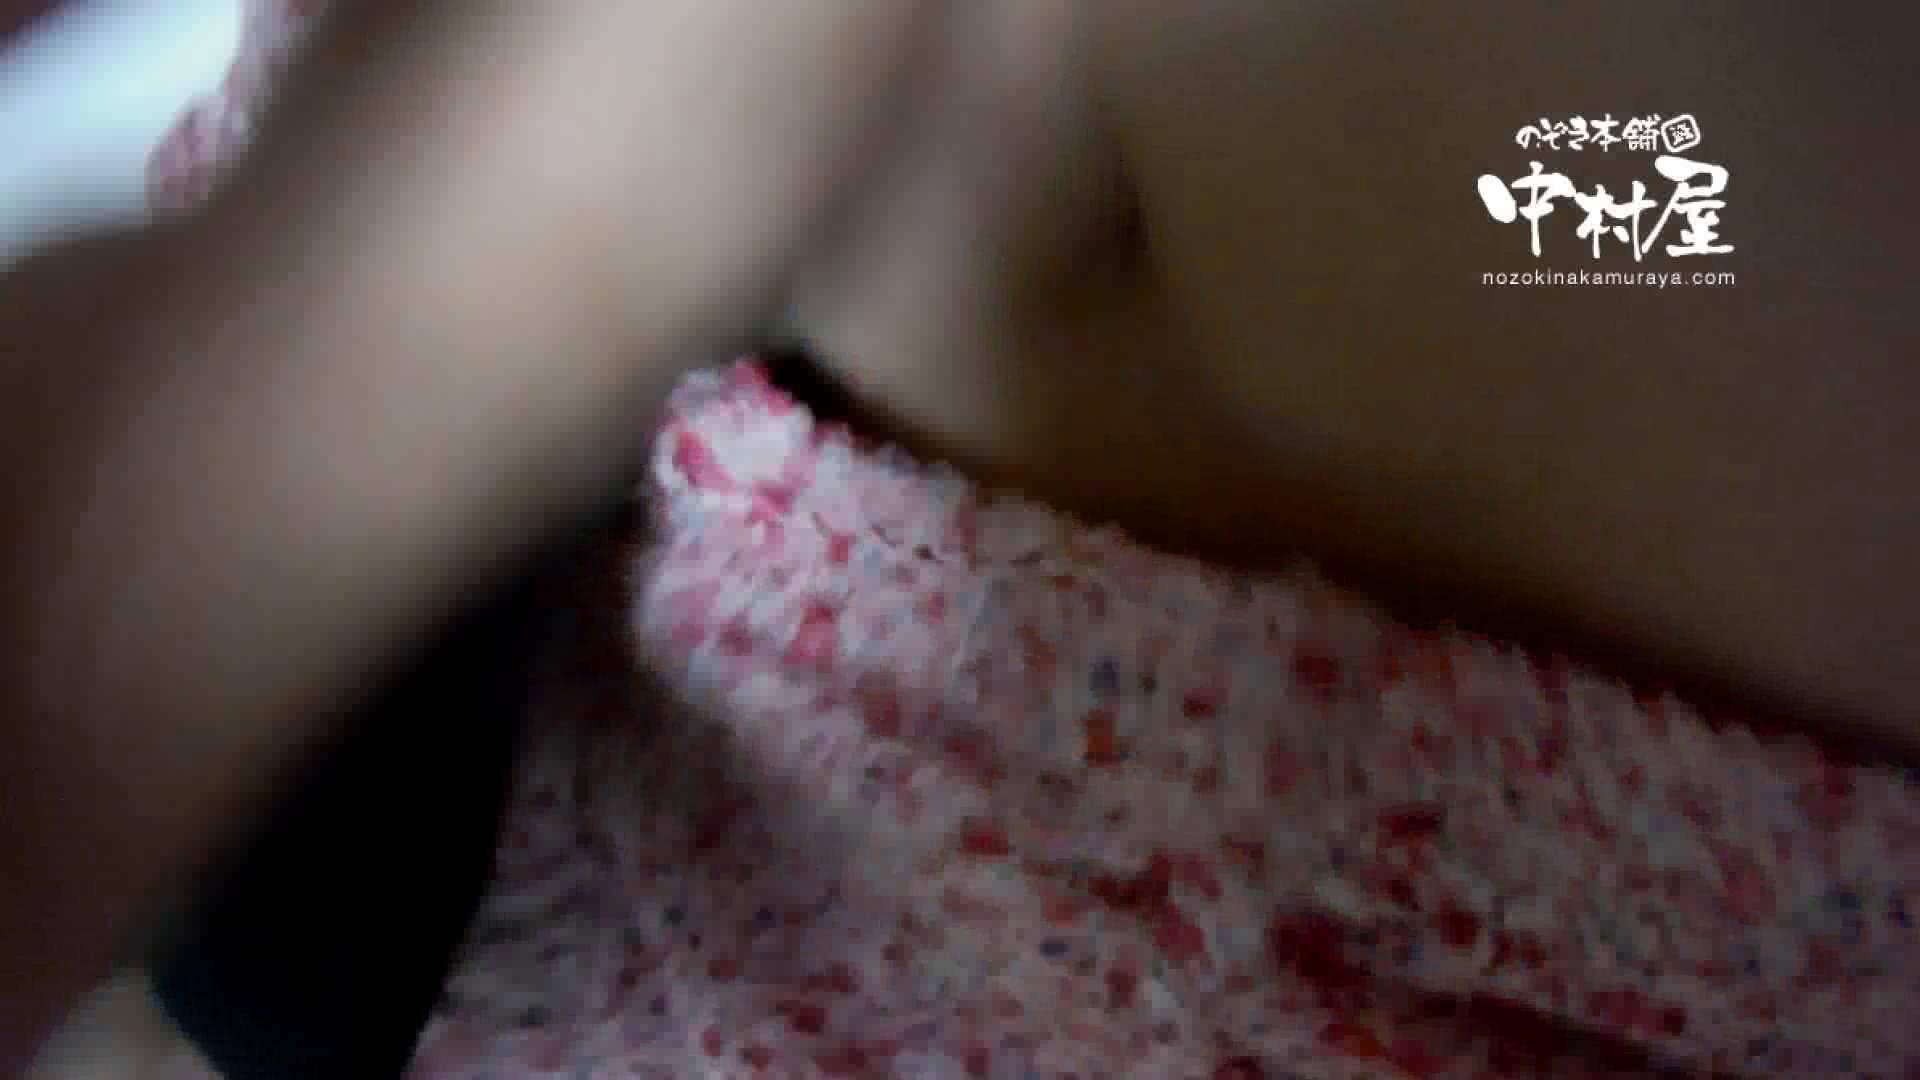 鬼畜 vol.16 実はマンざらでもない柔らかおっぱいちゃん 前編 おっぱい | 美しいOLの裸体  93pic 67